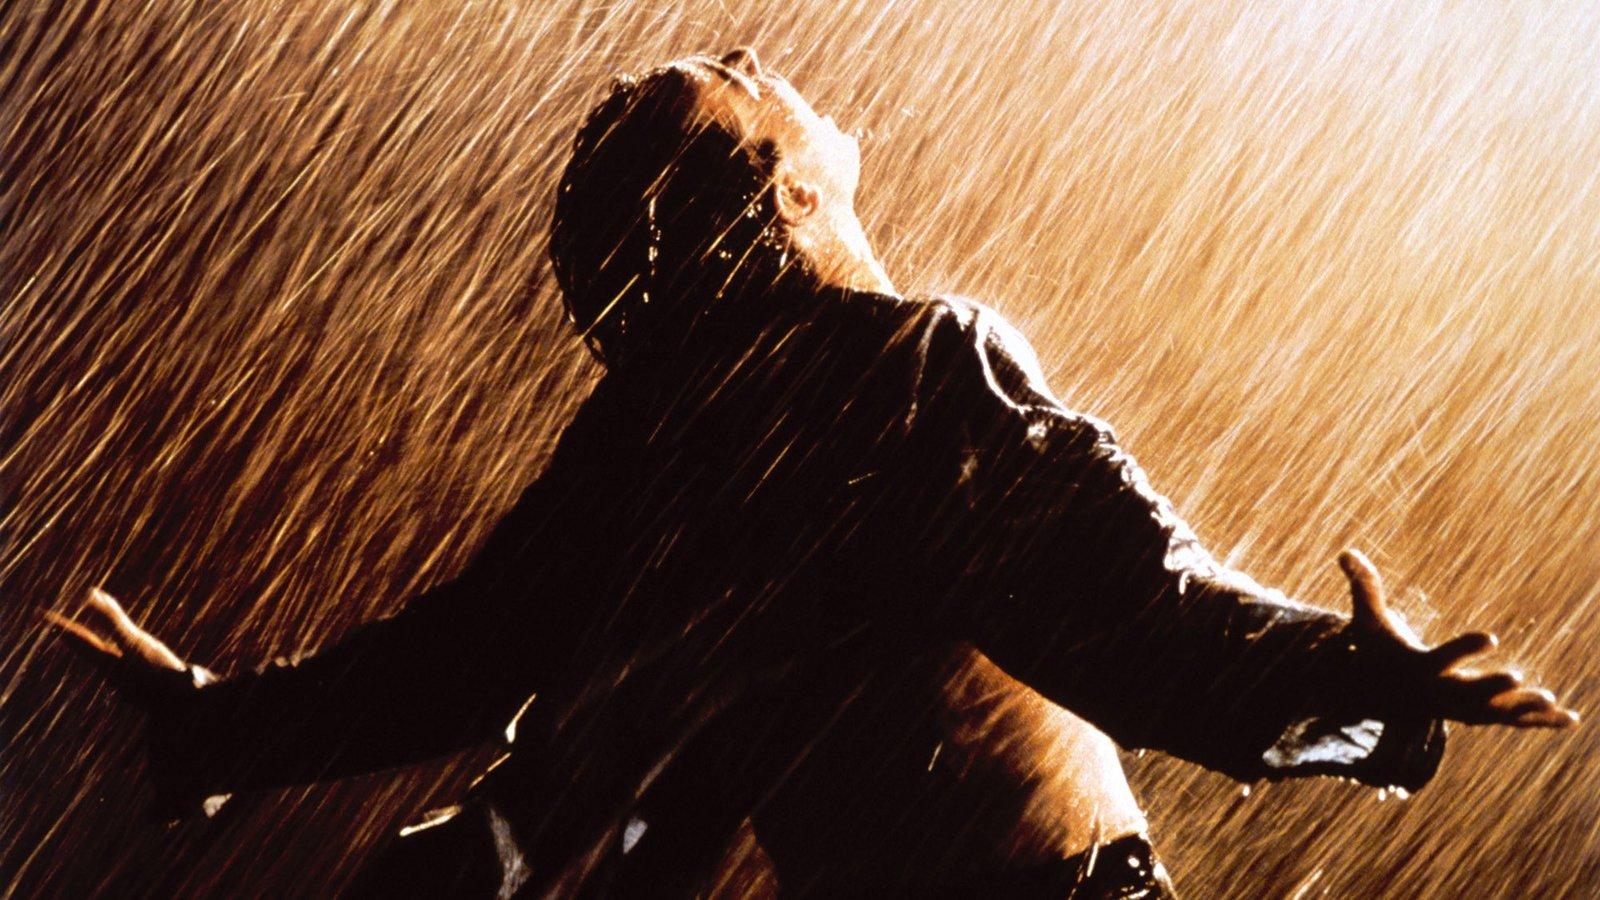 / The Shawshank Redemption